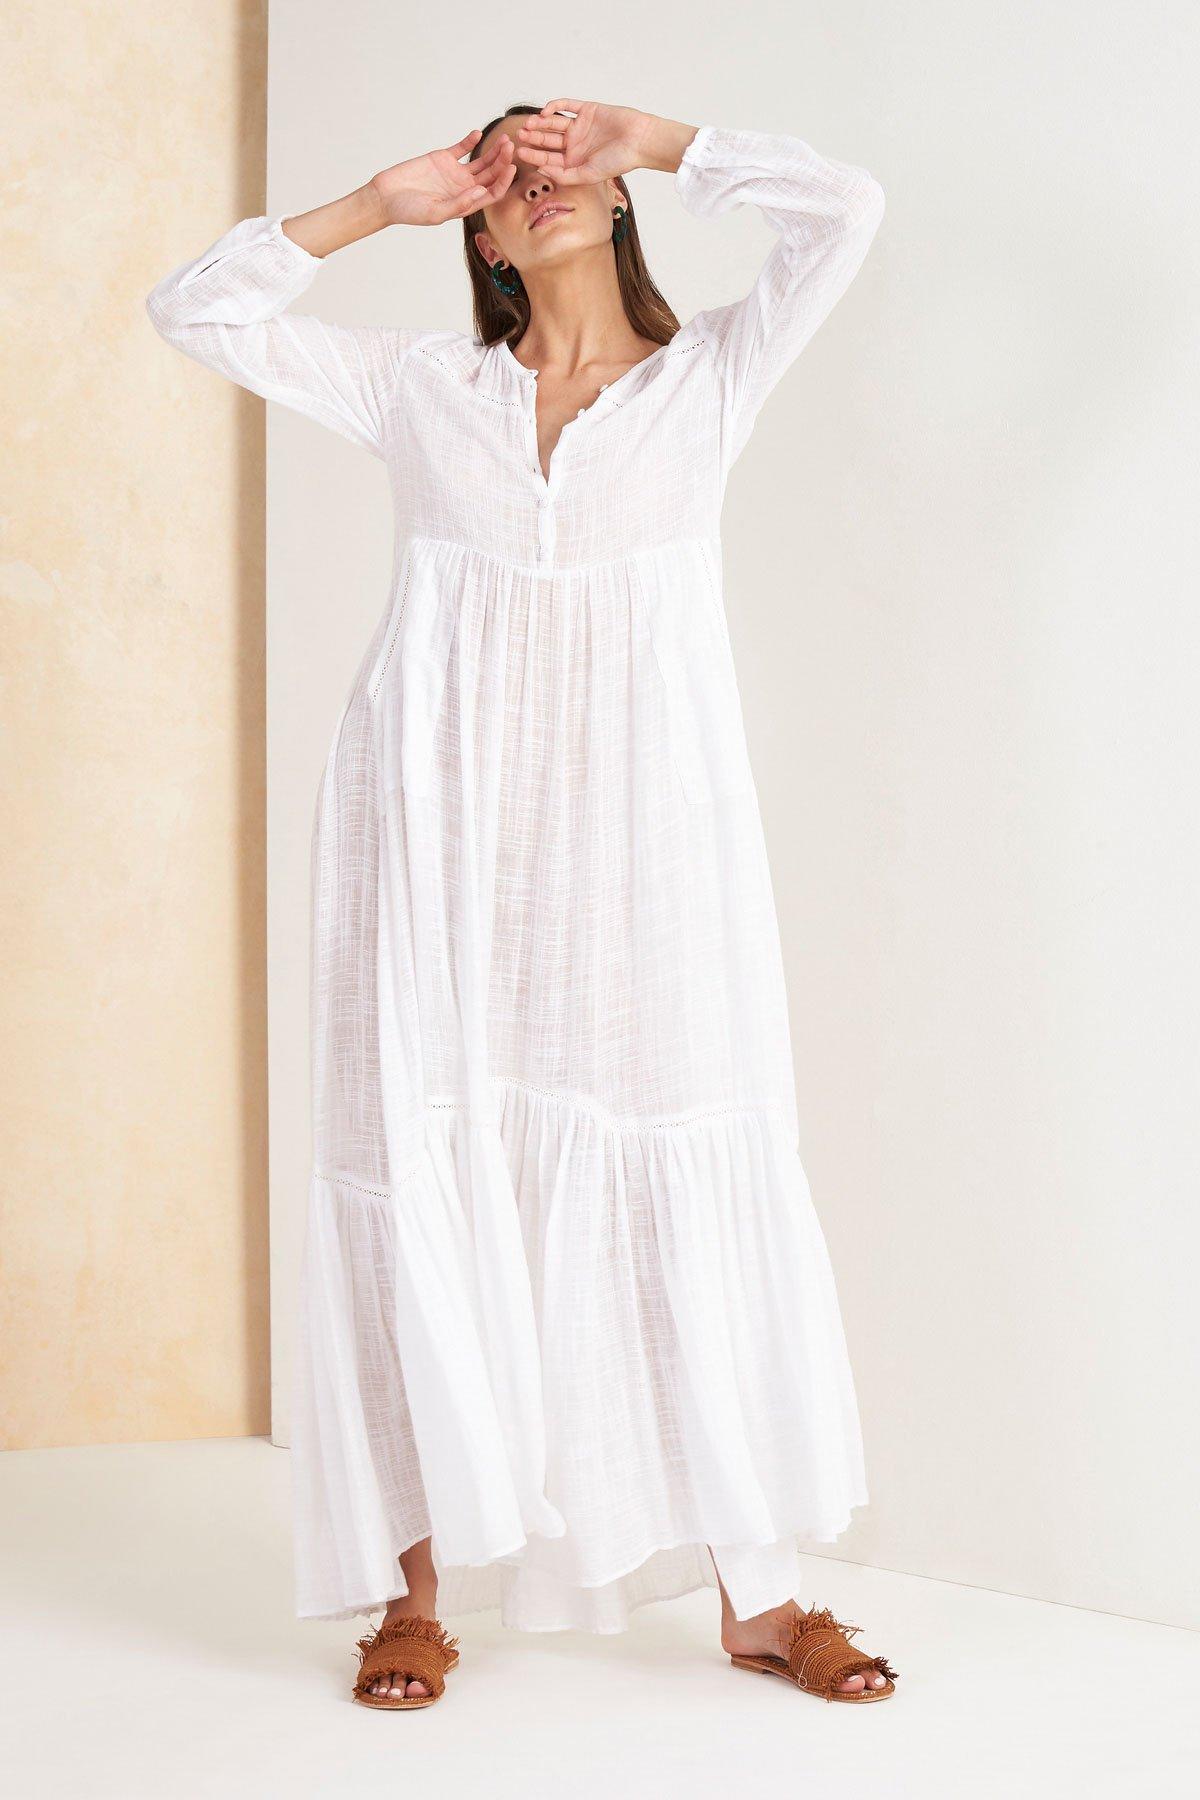 Image of Paradalis Longsleeve Maxi Dress - White